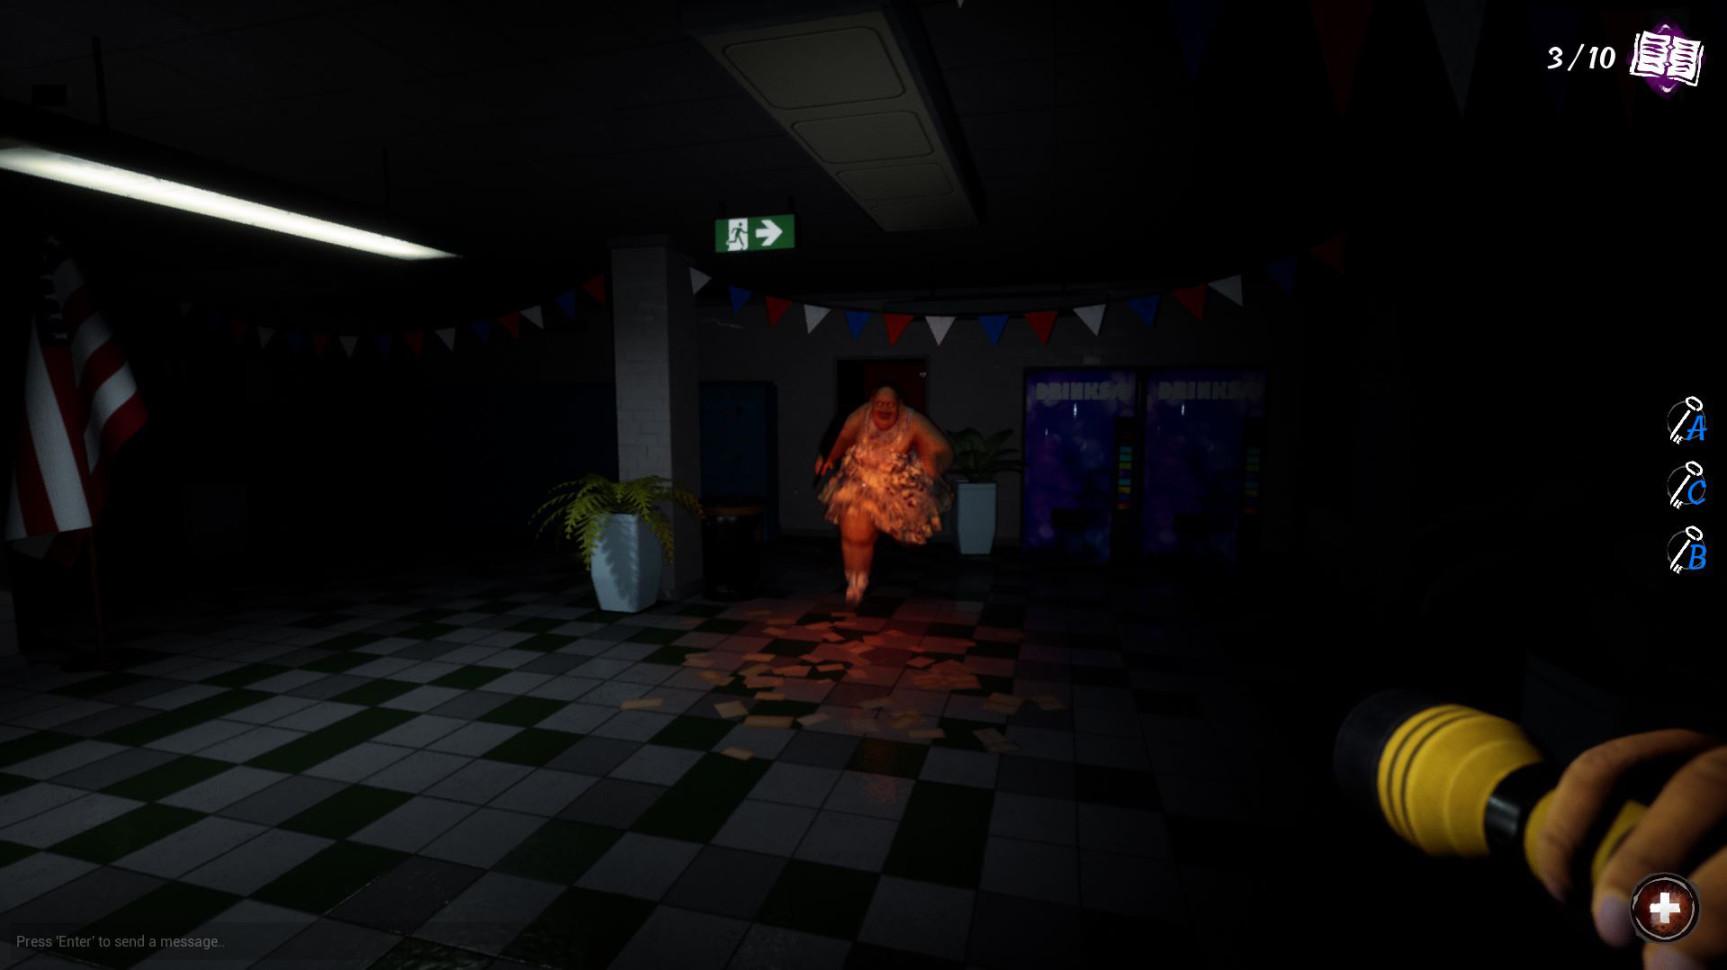 《steam恐怖游戏联机推荐》:与朋友一起探索未知的黑暗吧!插图3